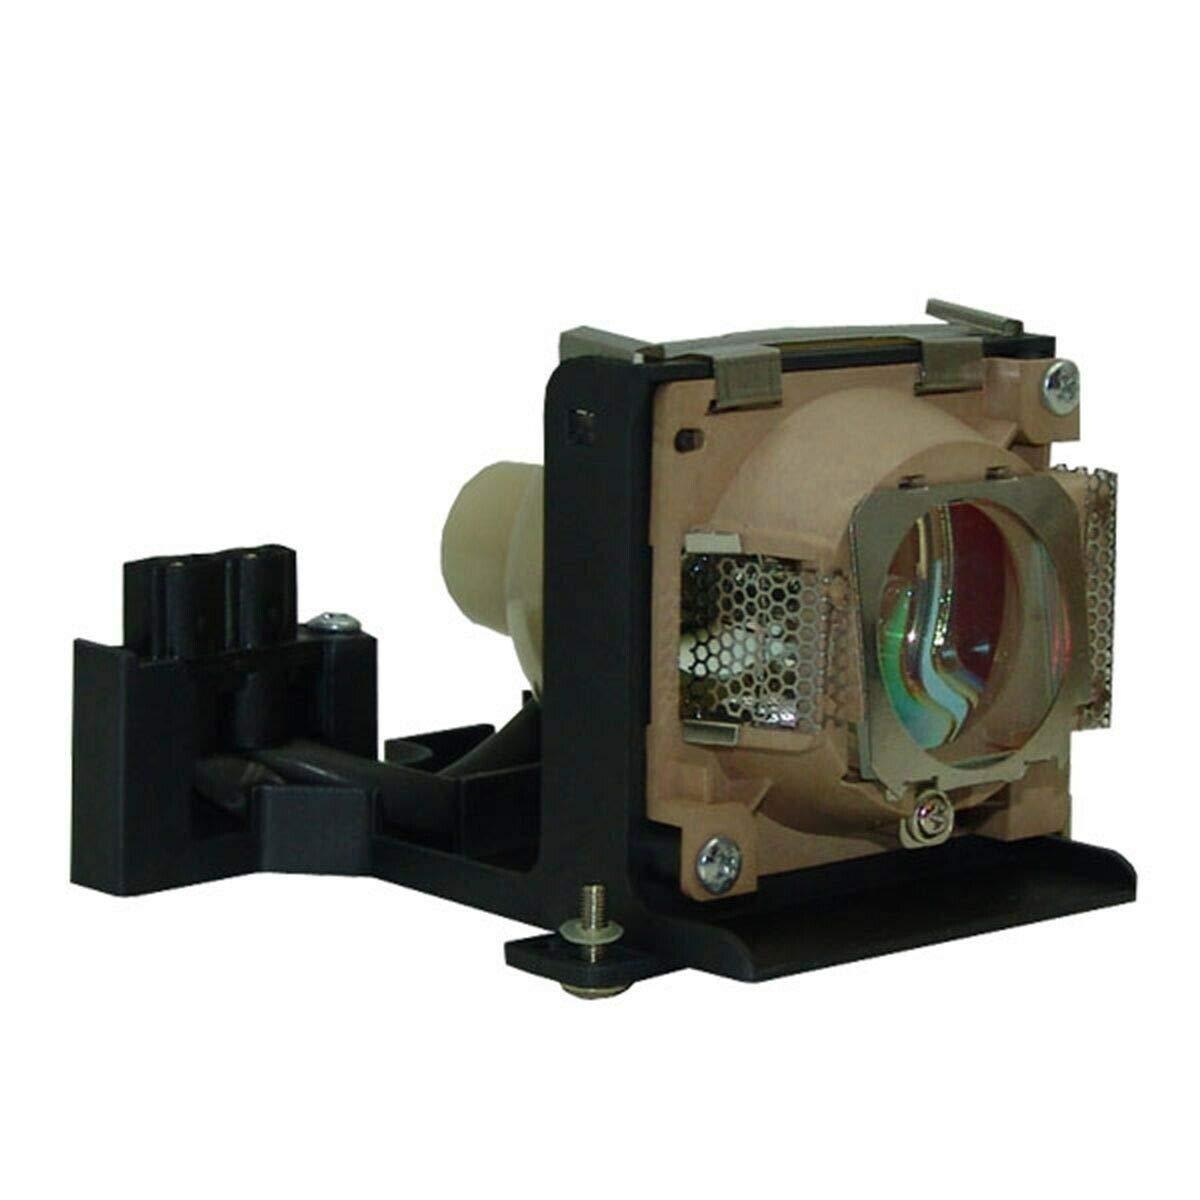 CTLAMP 59.J8401.CG1 ハウジング付き交換用ランプ BENQ PB7110-PVIP / PB7210-PVIP / PB7230-PVIP / PE7100 / PE8250に対応   B07NVGFG2J